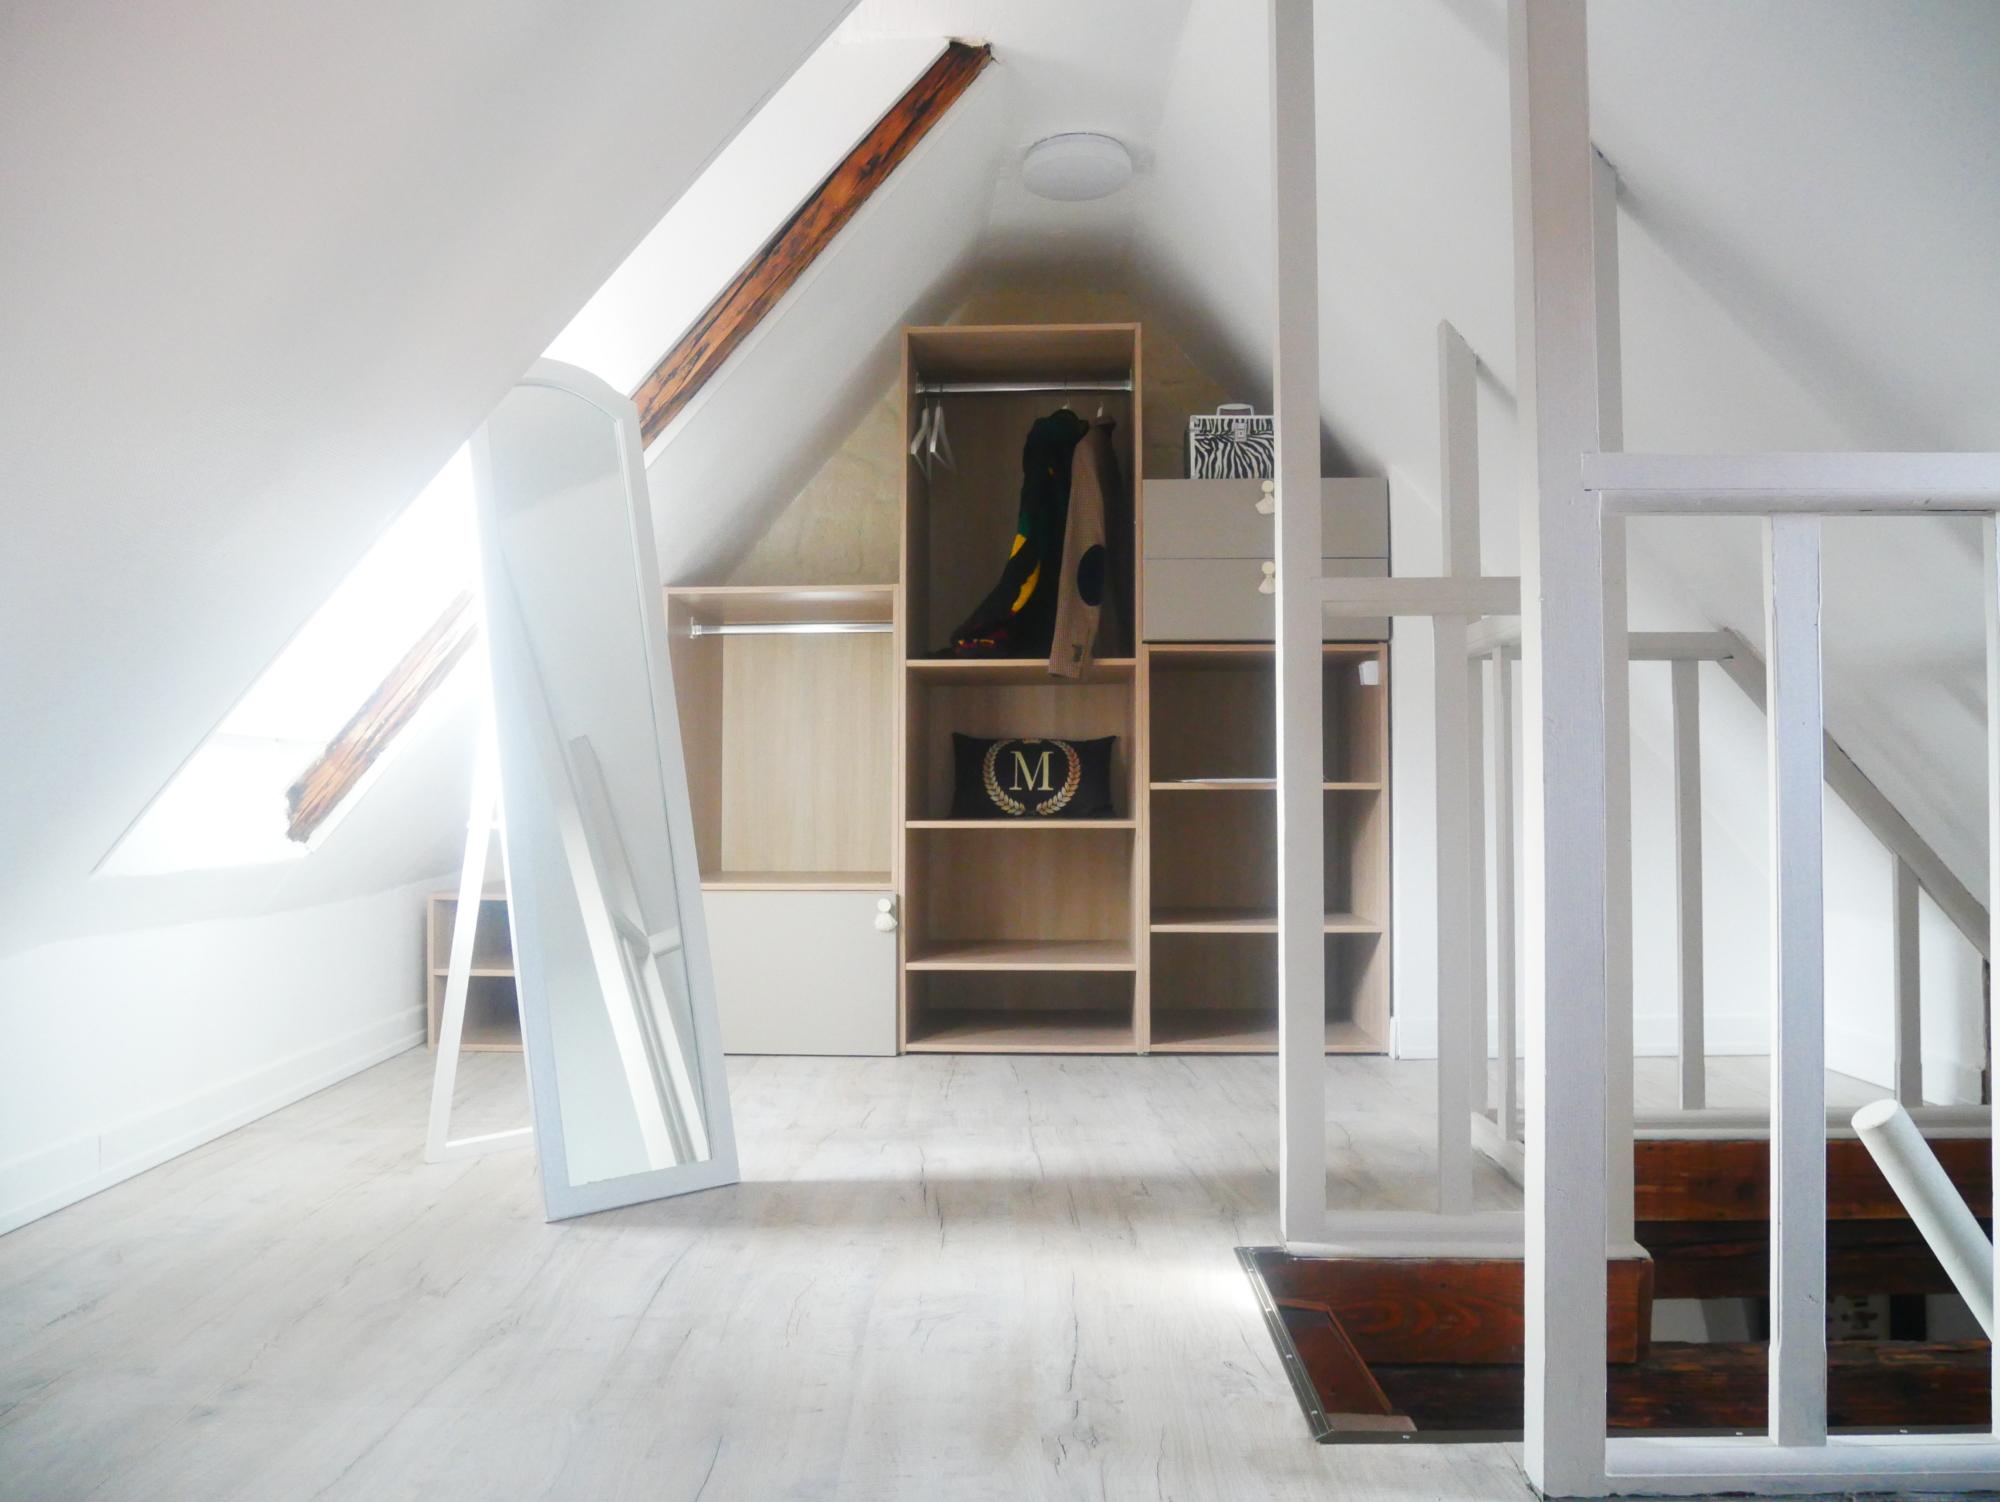 [Vénus] 3 pièces meublé en duplex - Hypercentre / rue des Juifs - nos locations - Beausite Immobilier 6